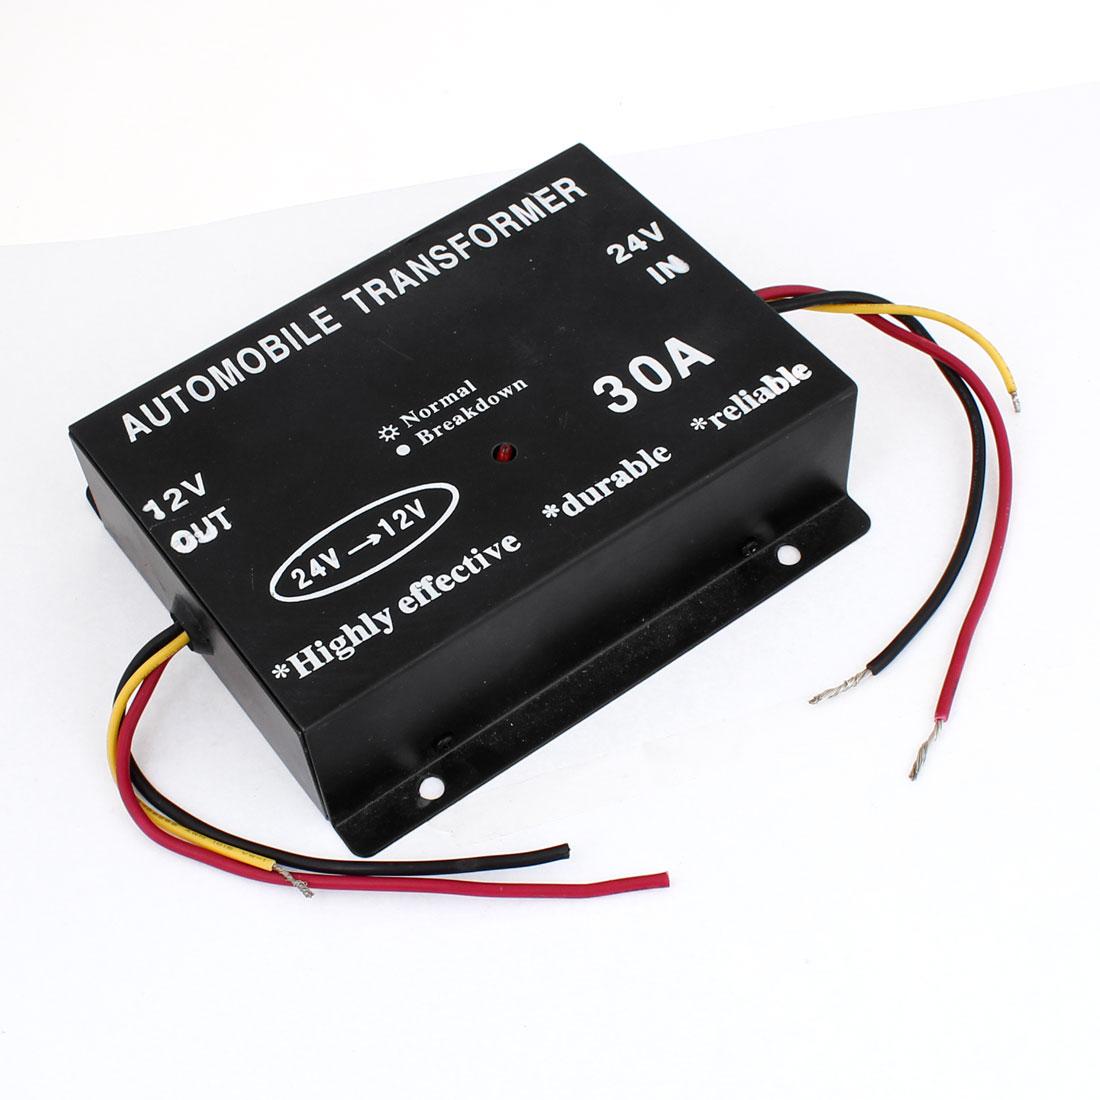 30A DC 24V to 12V Car Auto Power Supply Transformer Reducer Converter w Memory